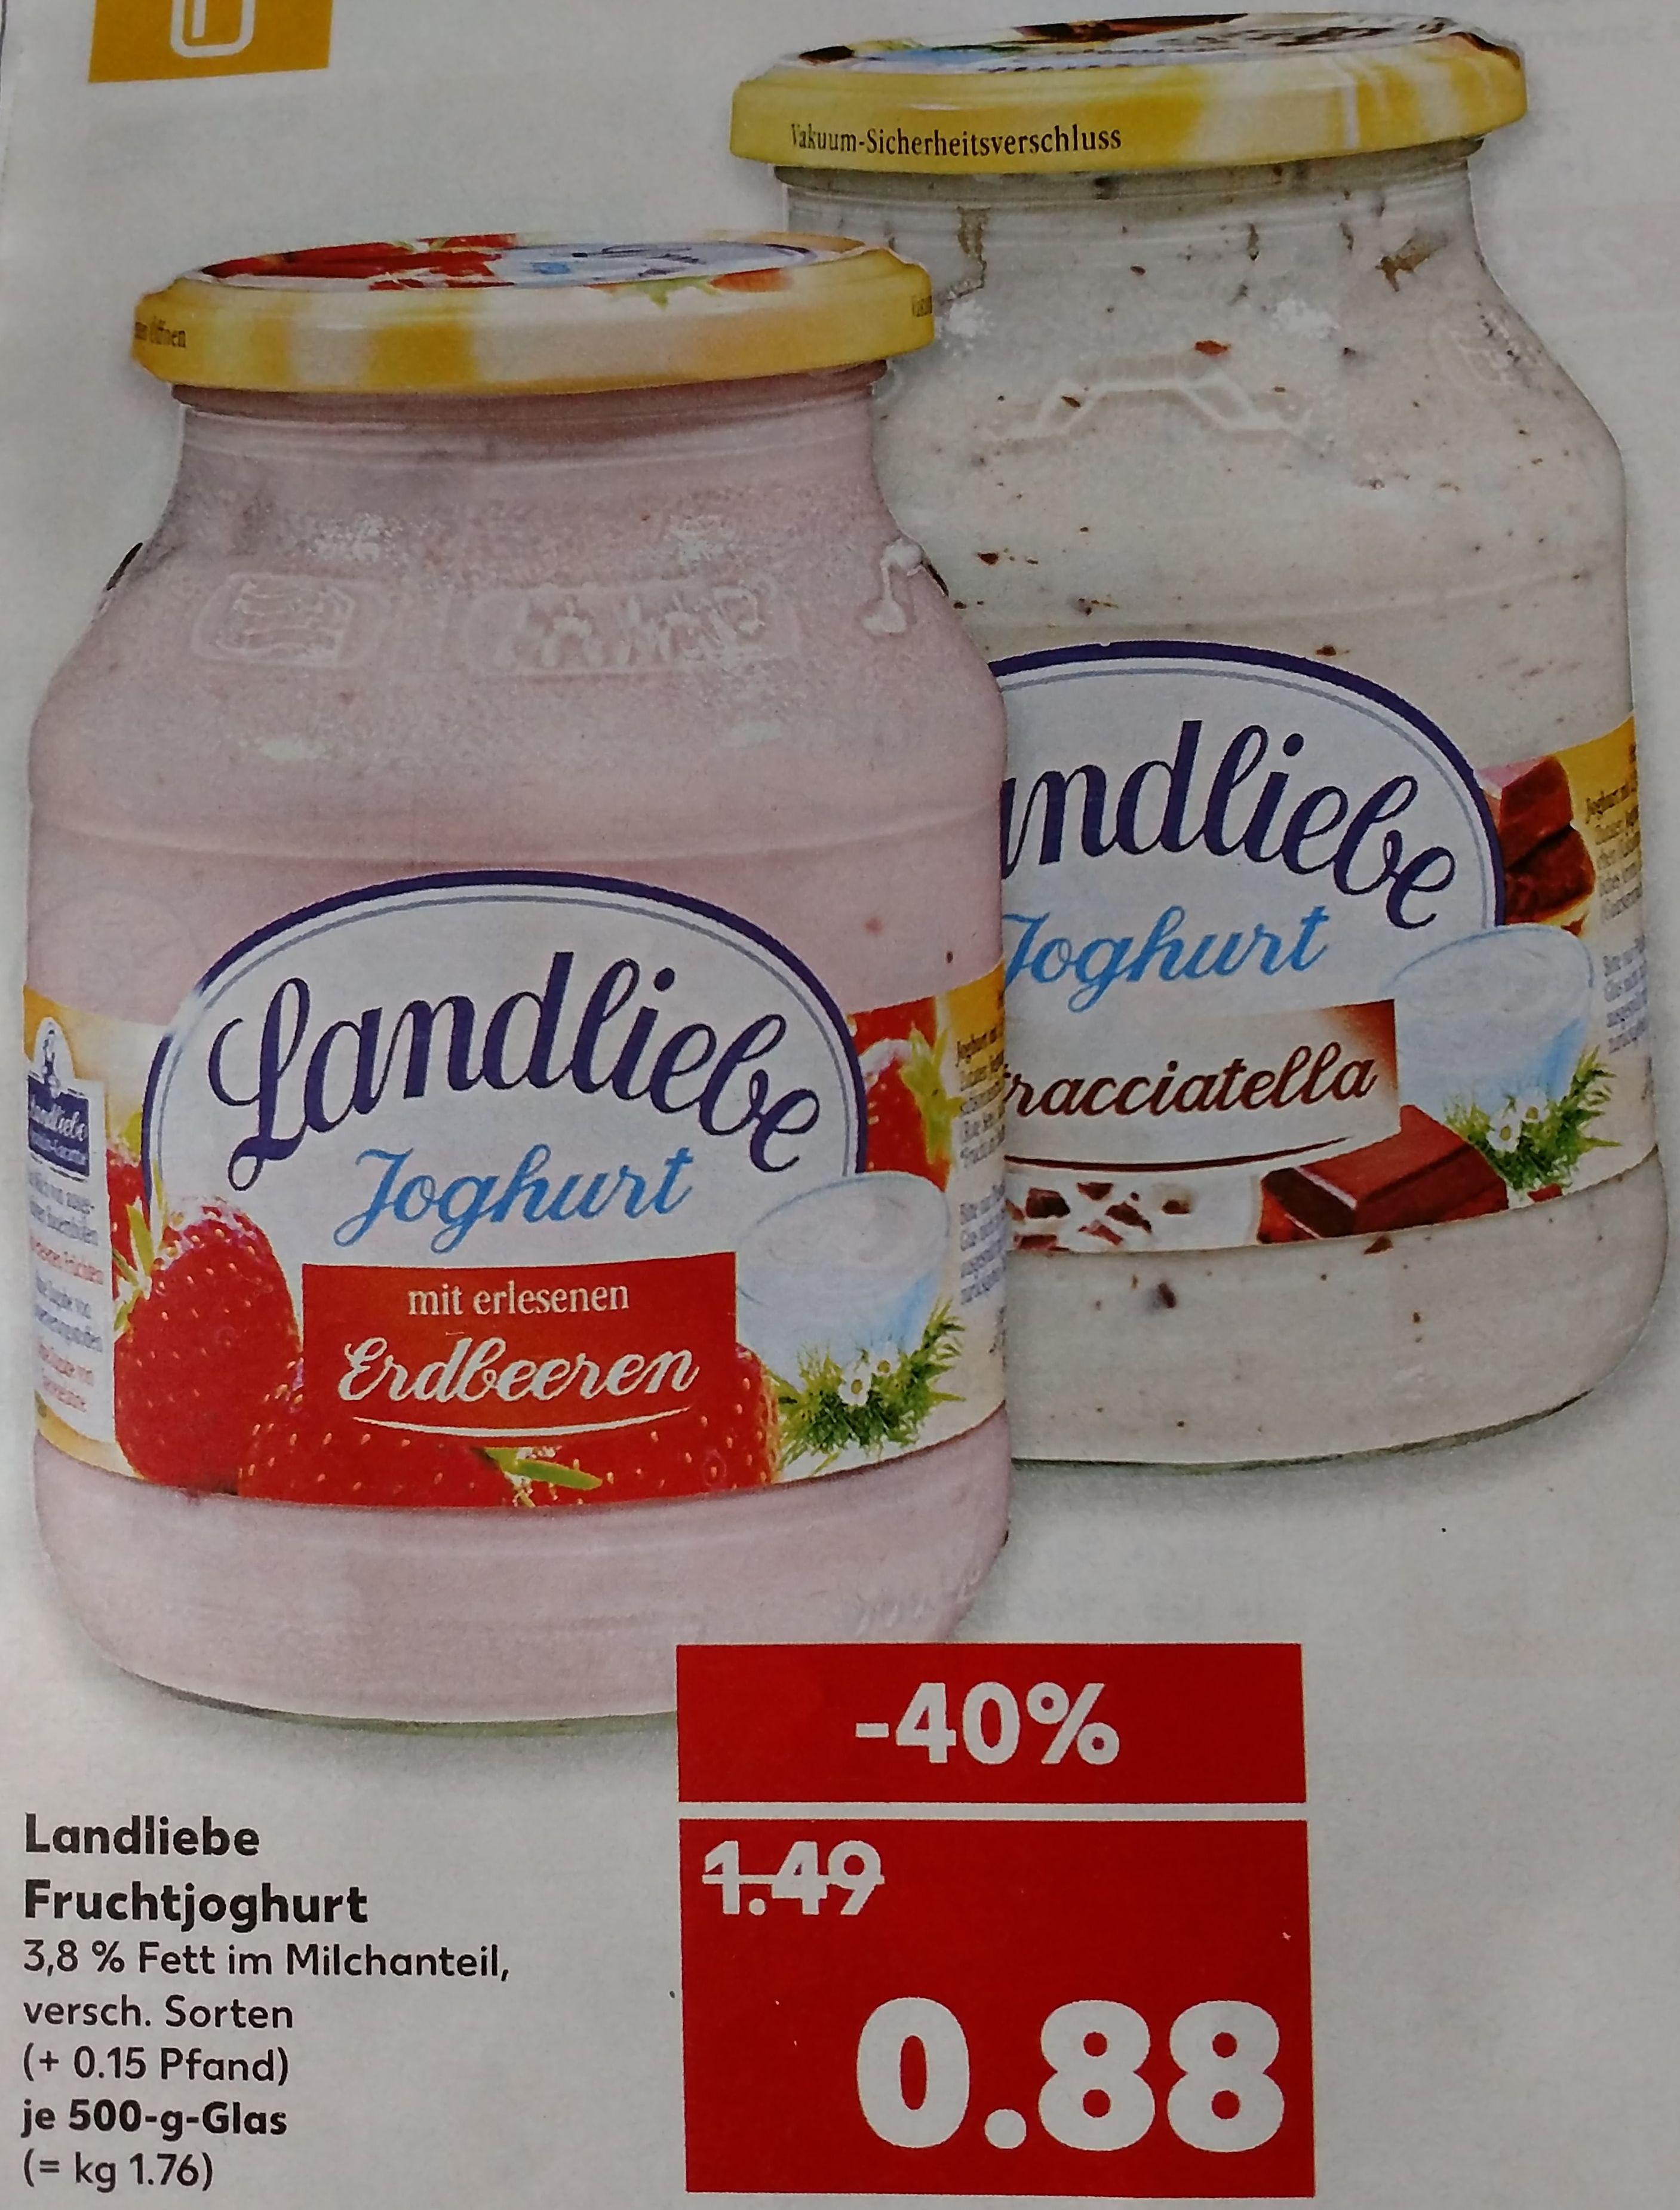 Kaufland: 6 Stück Landliebe Fruchtjoghurt 500 g (je 0,71 Euro)